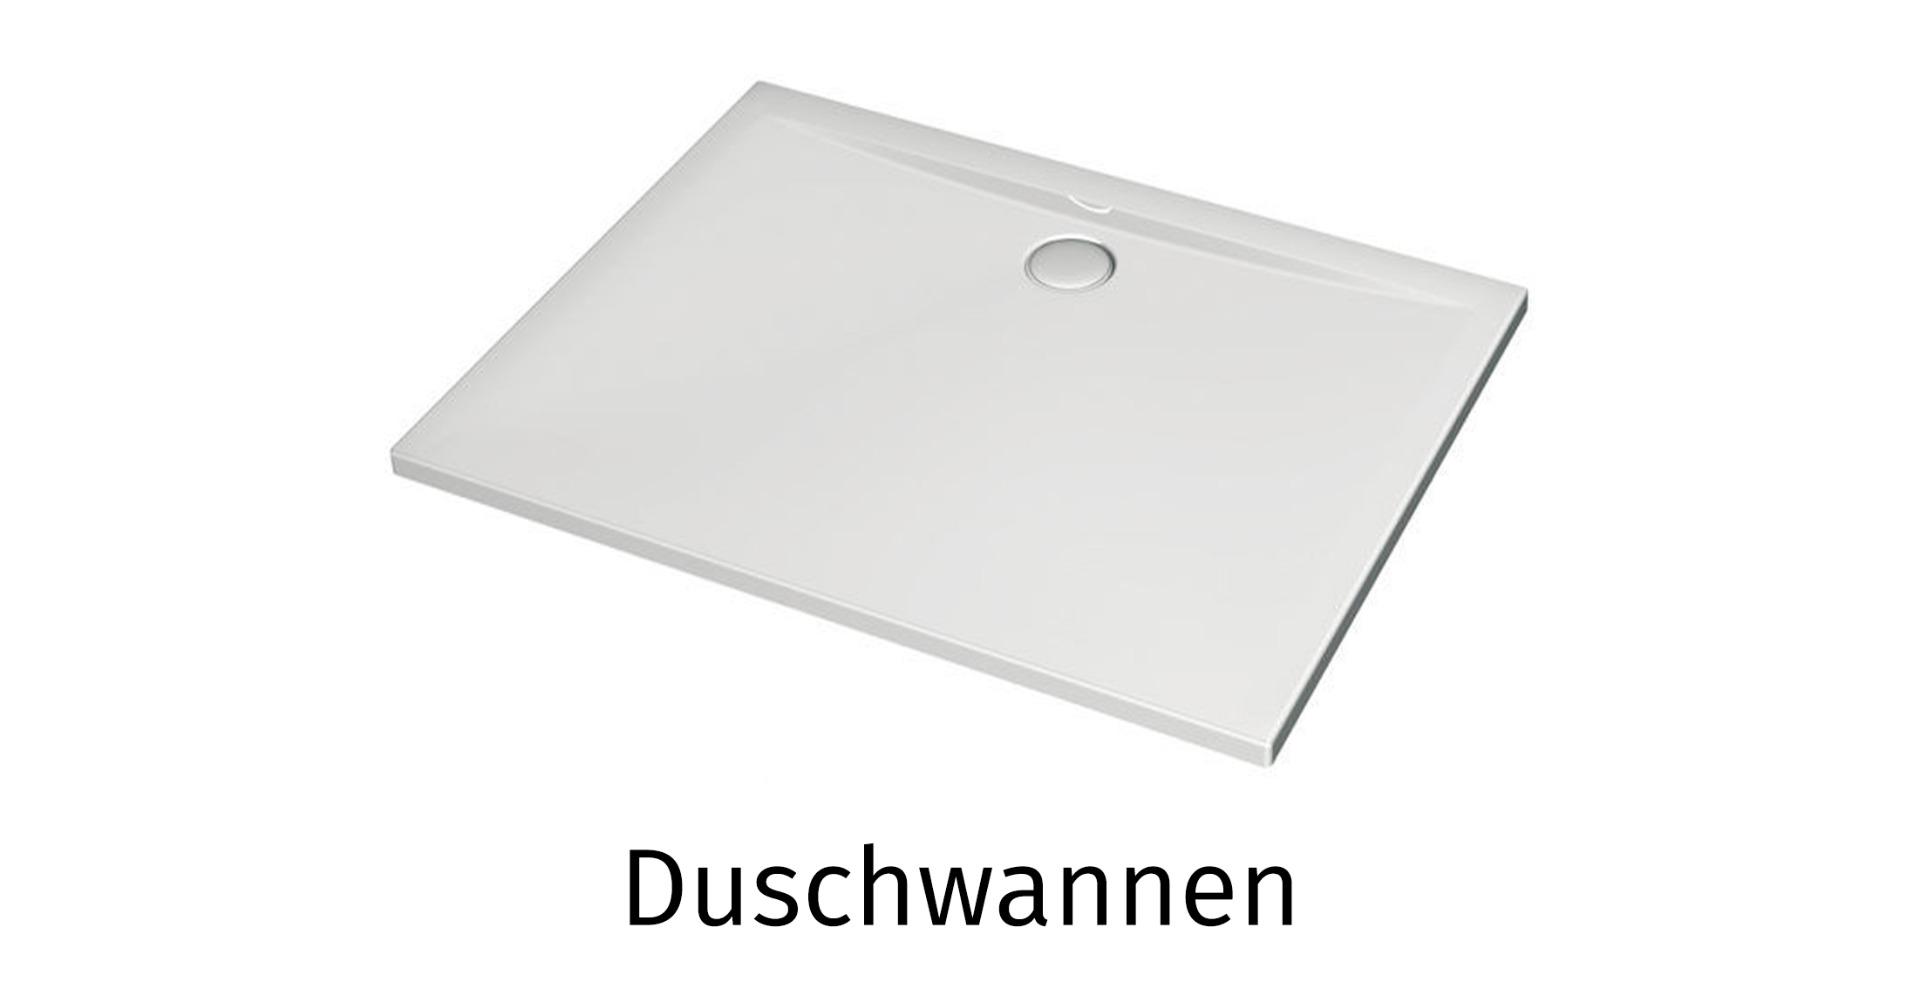 Duschwanne